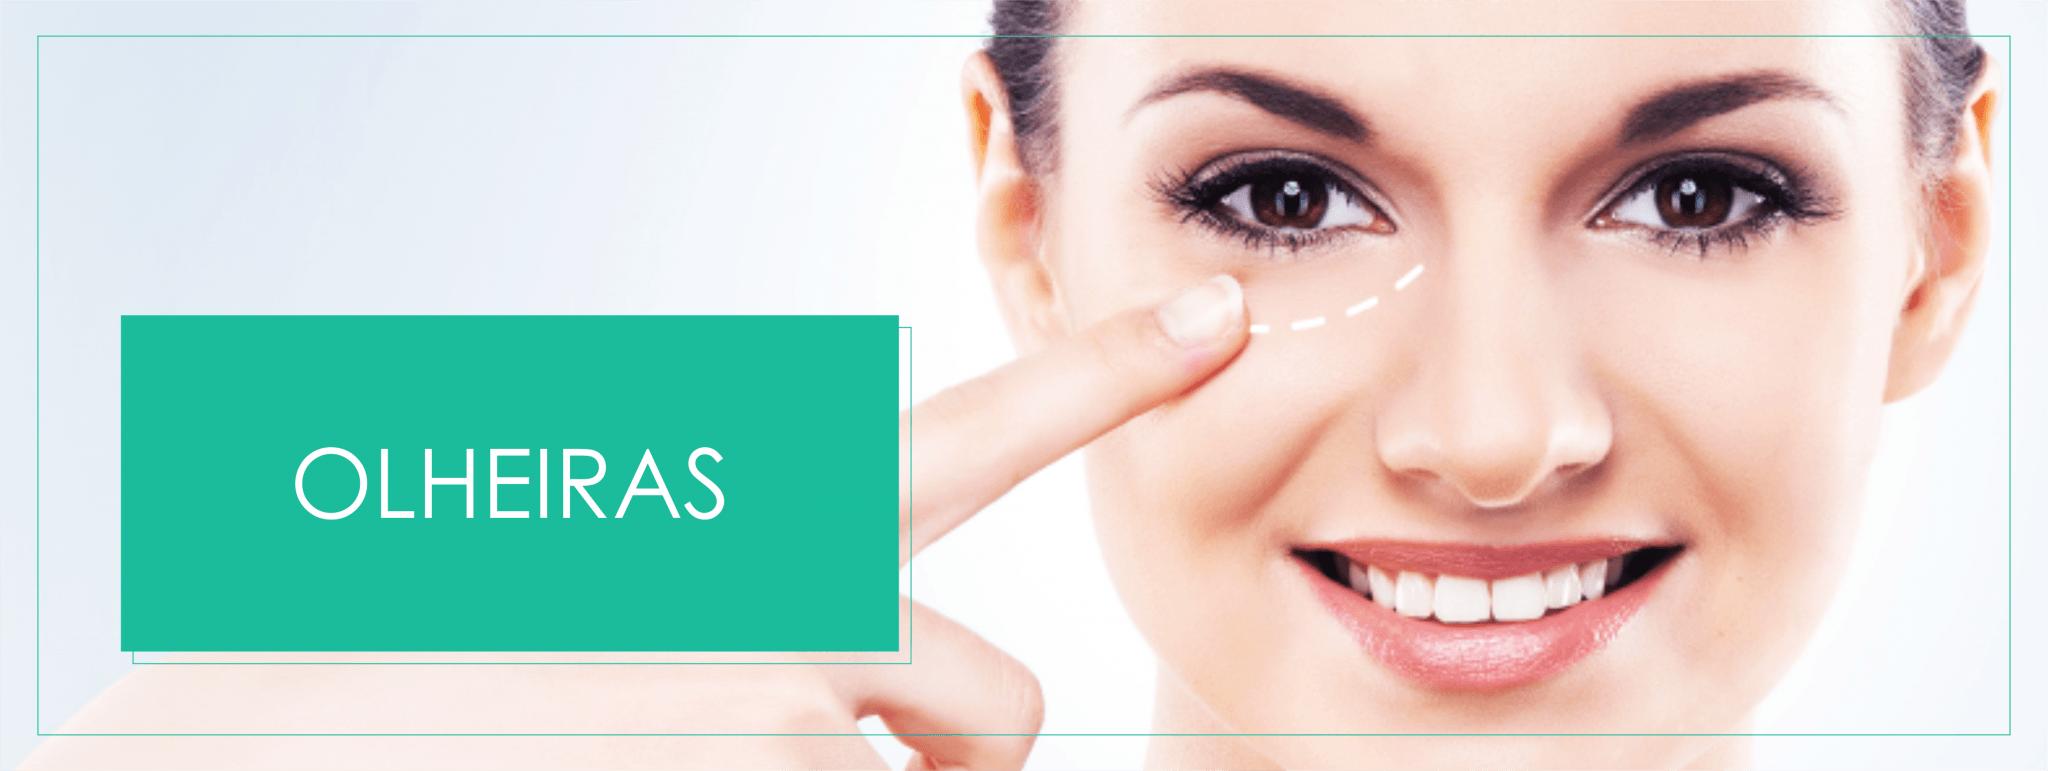 Você sabia que o ND YAG Q-Switched Fracionado é um tratamento muito eficiente no combate á olheiras?